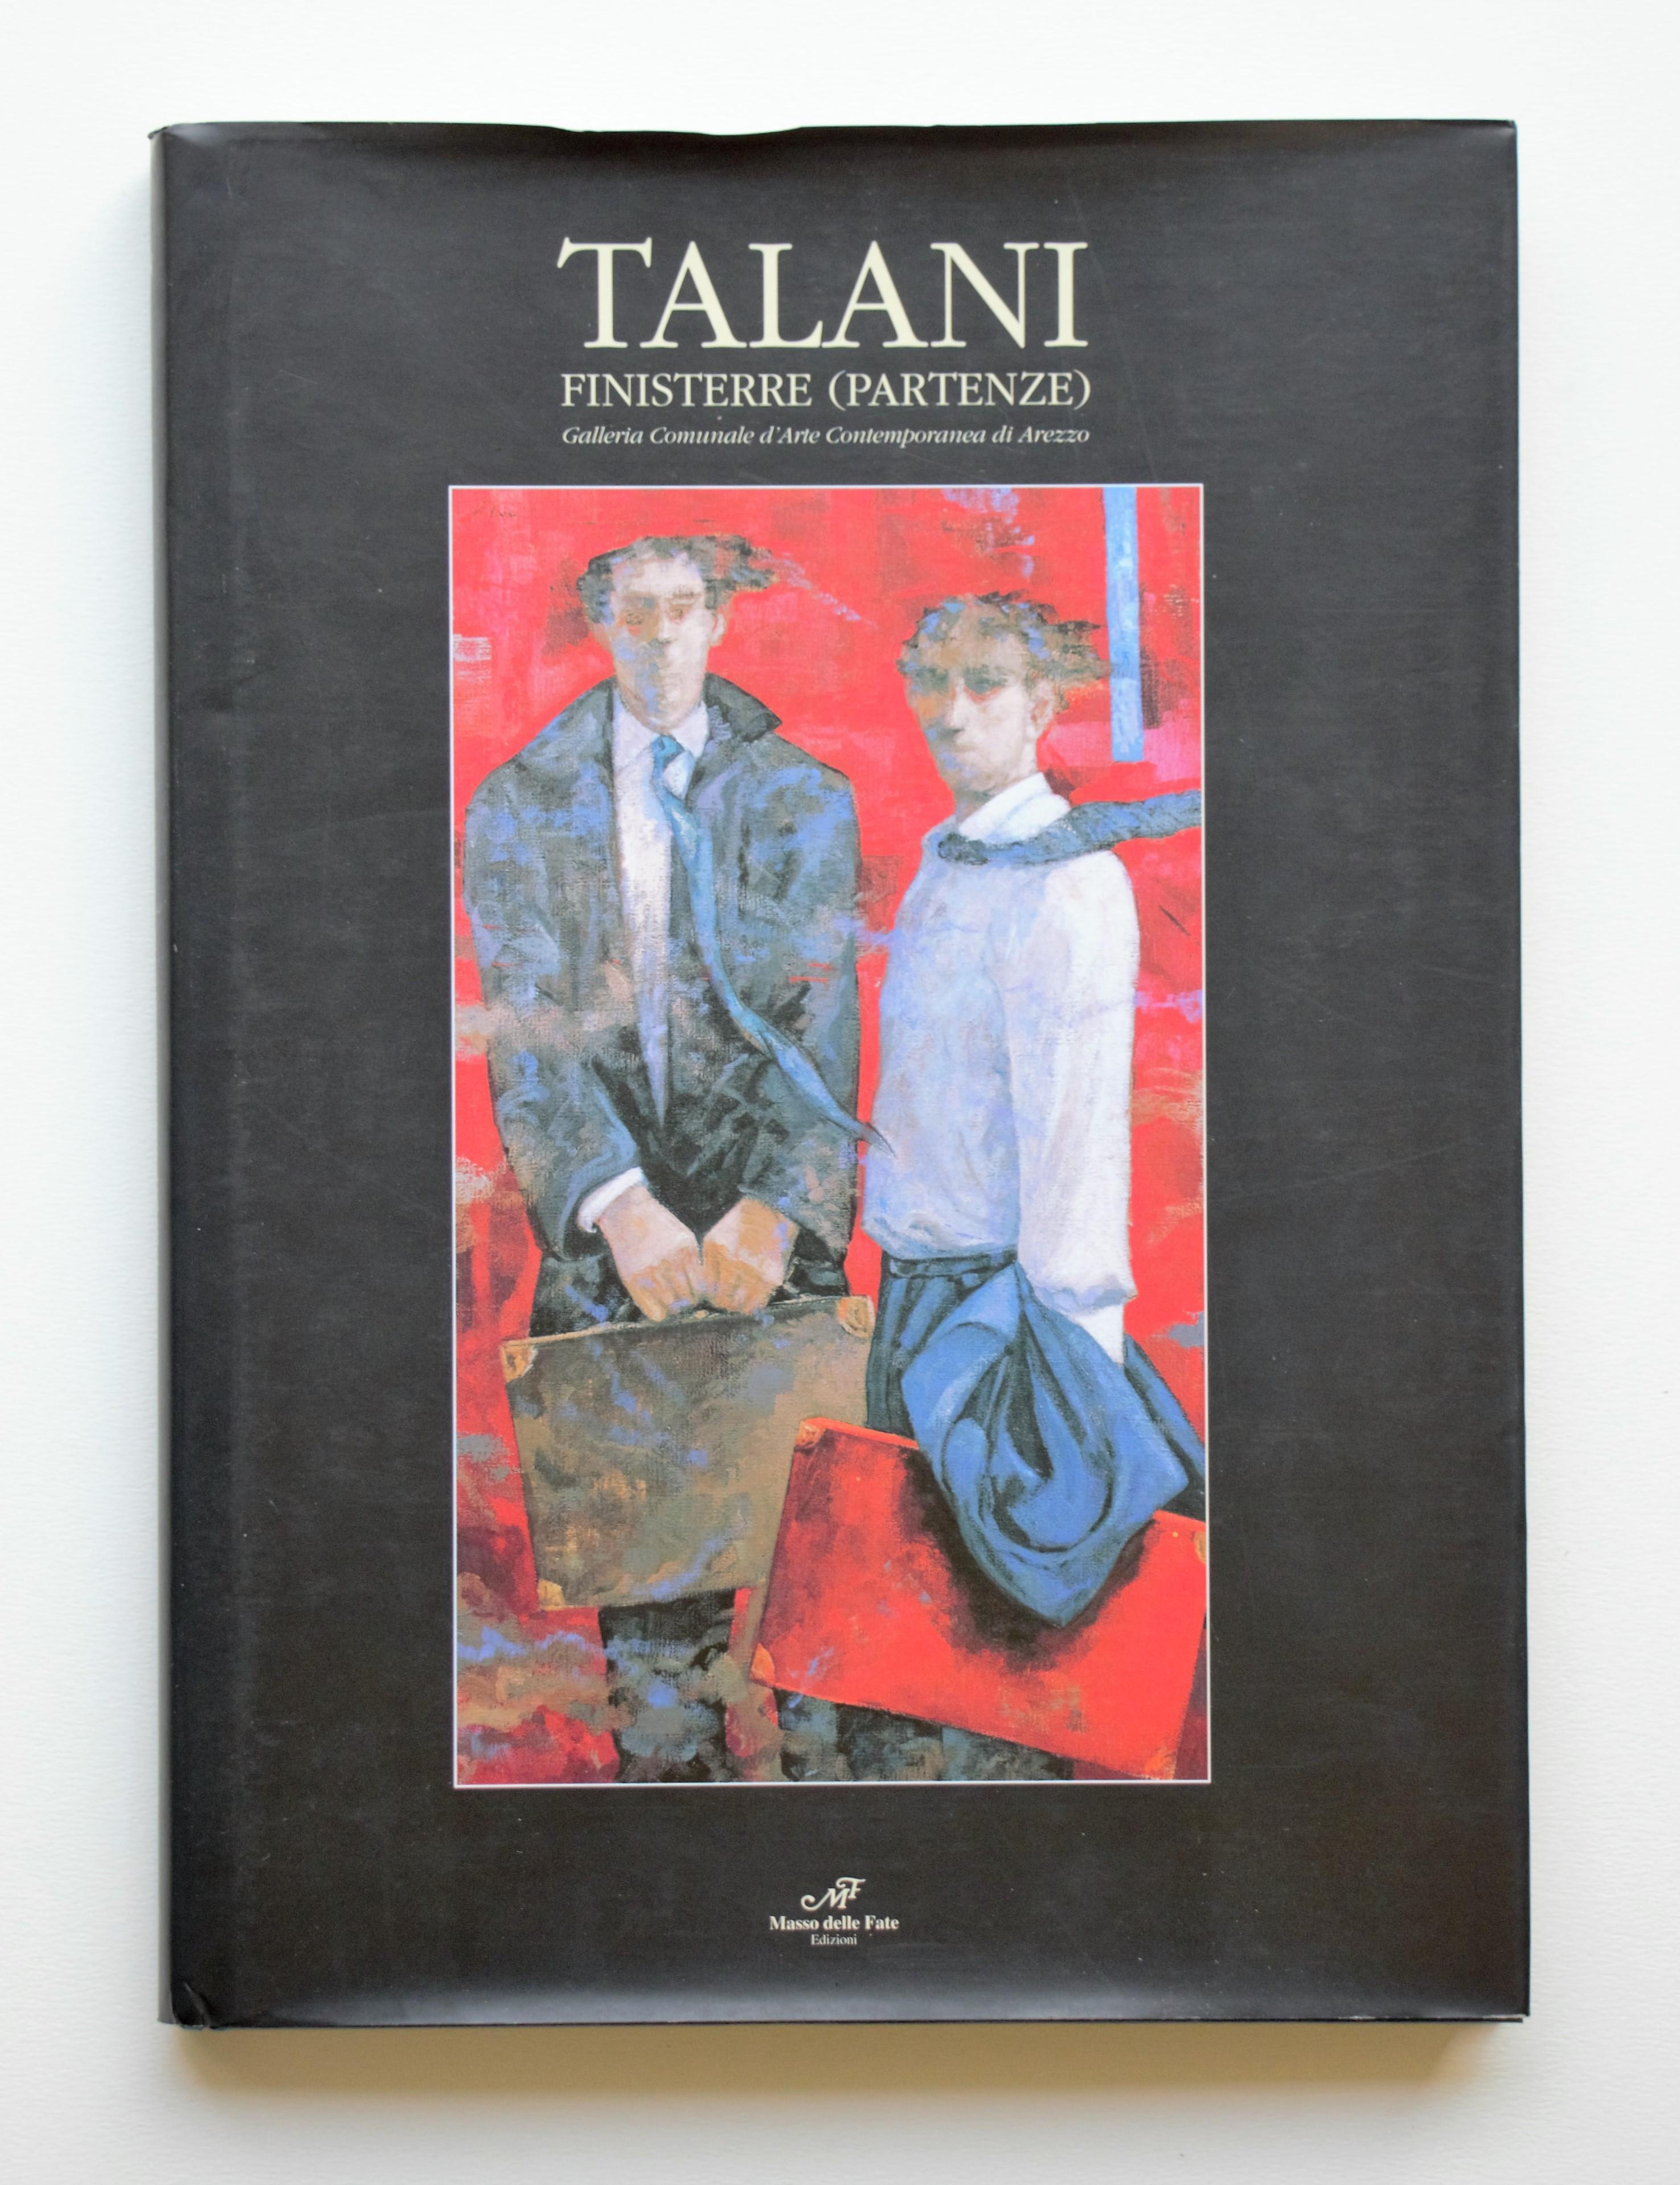 """""""Finisterre partenze"""" anno 2002 pagine 116 cm. 22x30,5"""